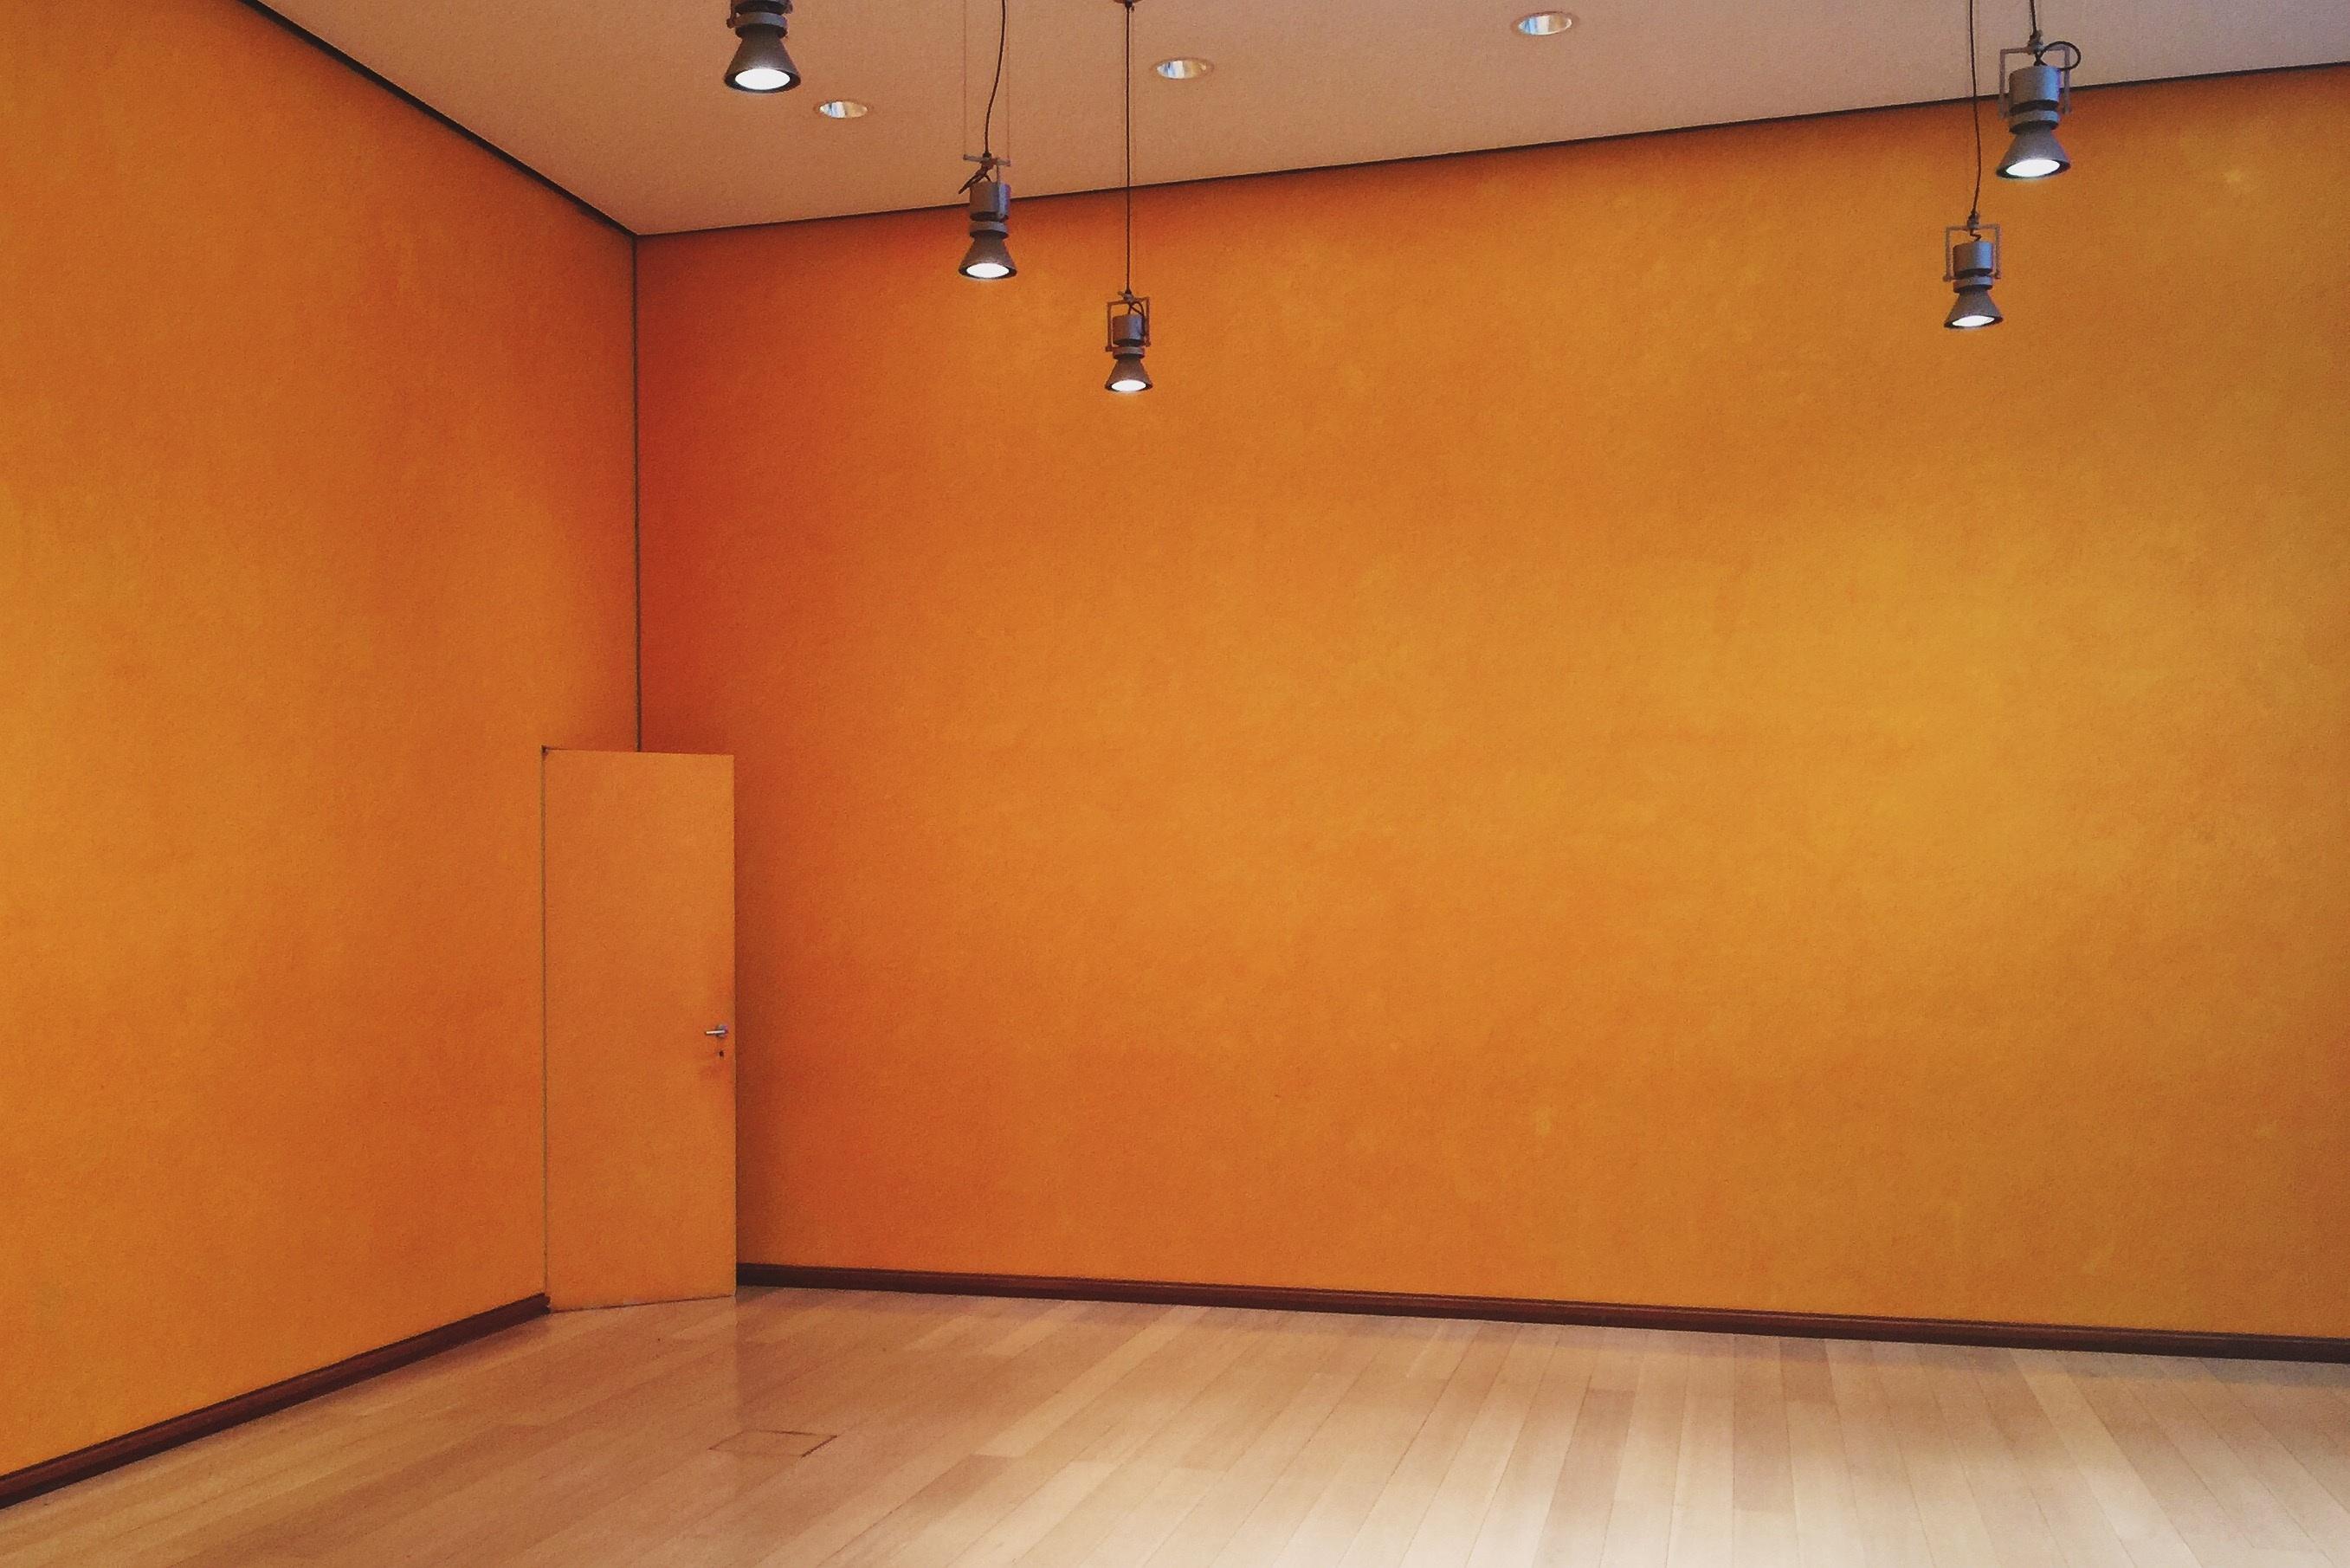 Fotos gratis : piso, pared, techo, propiedad, sótano, mueble ...